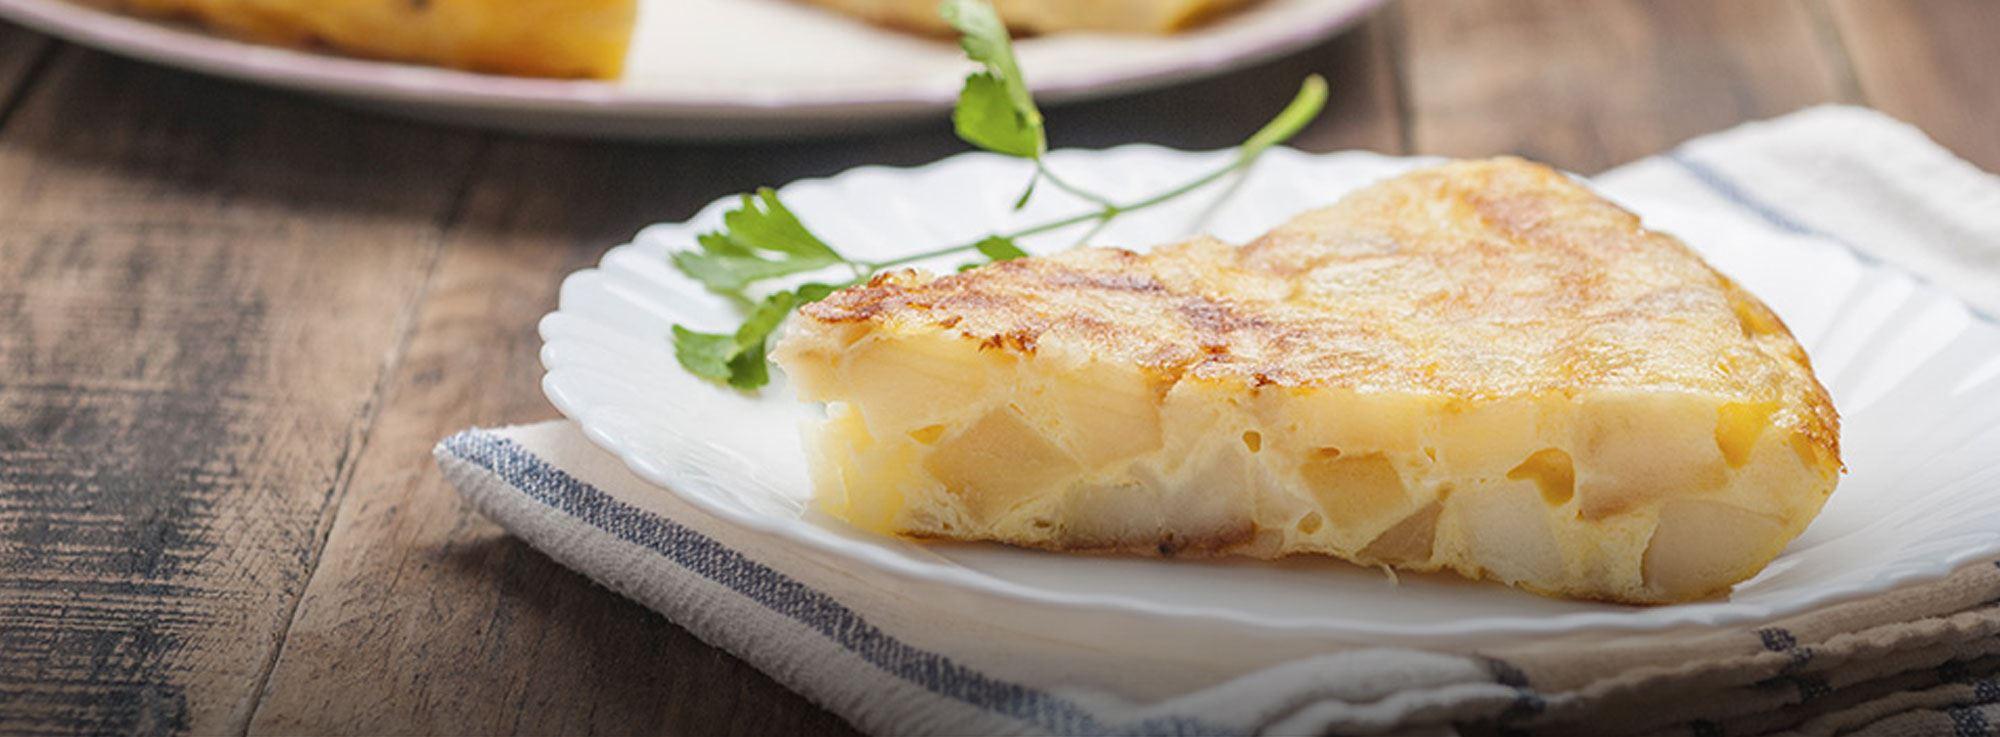 Ricetta: Frittata con le patate